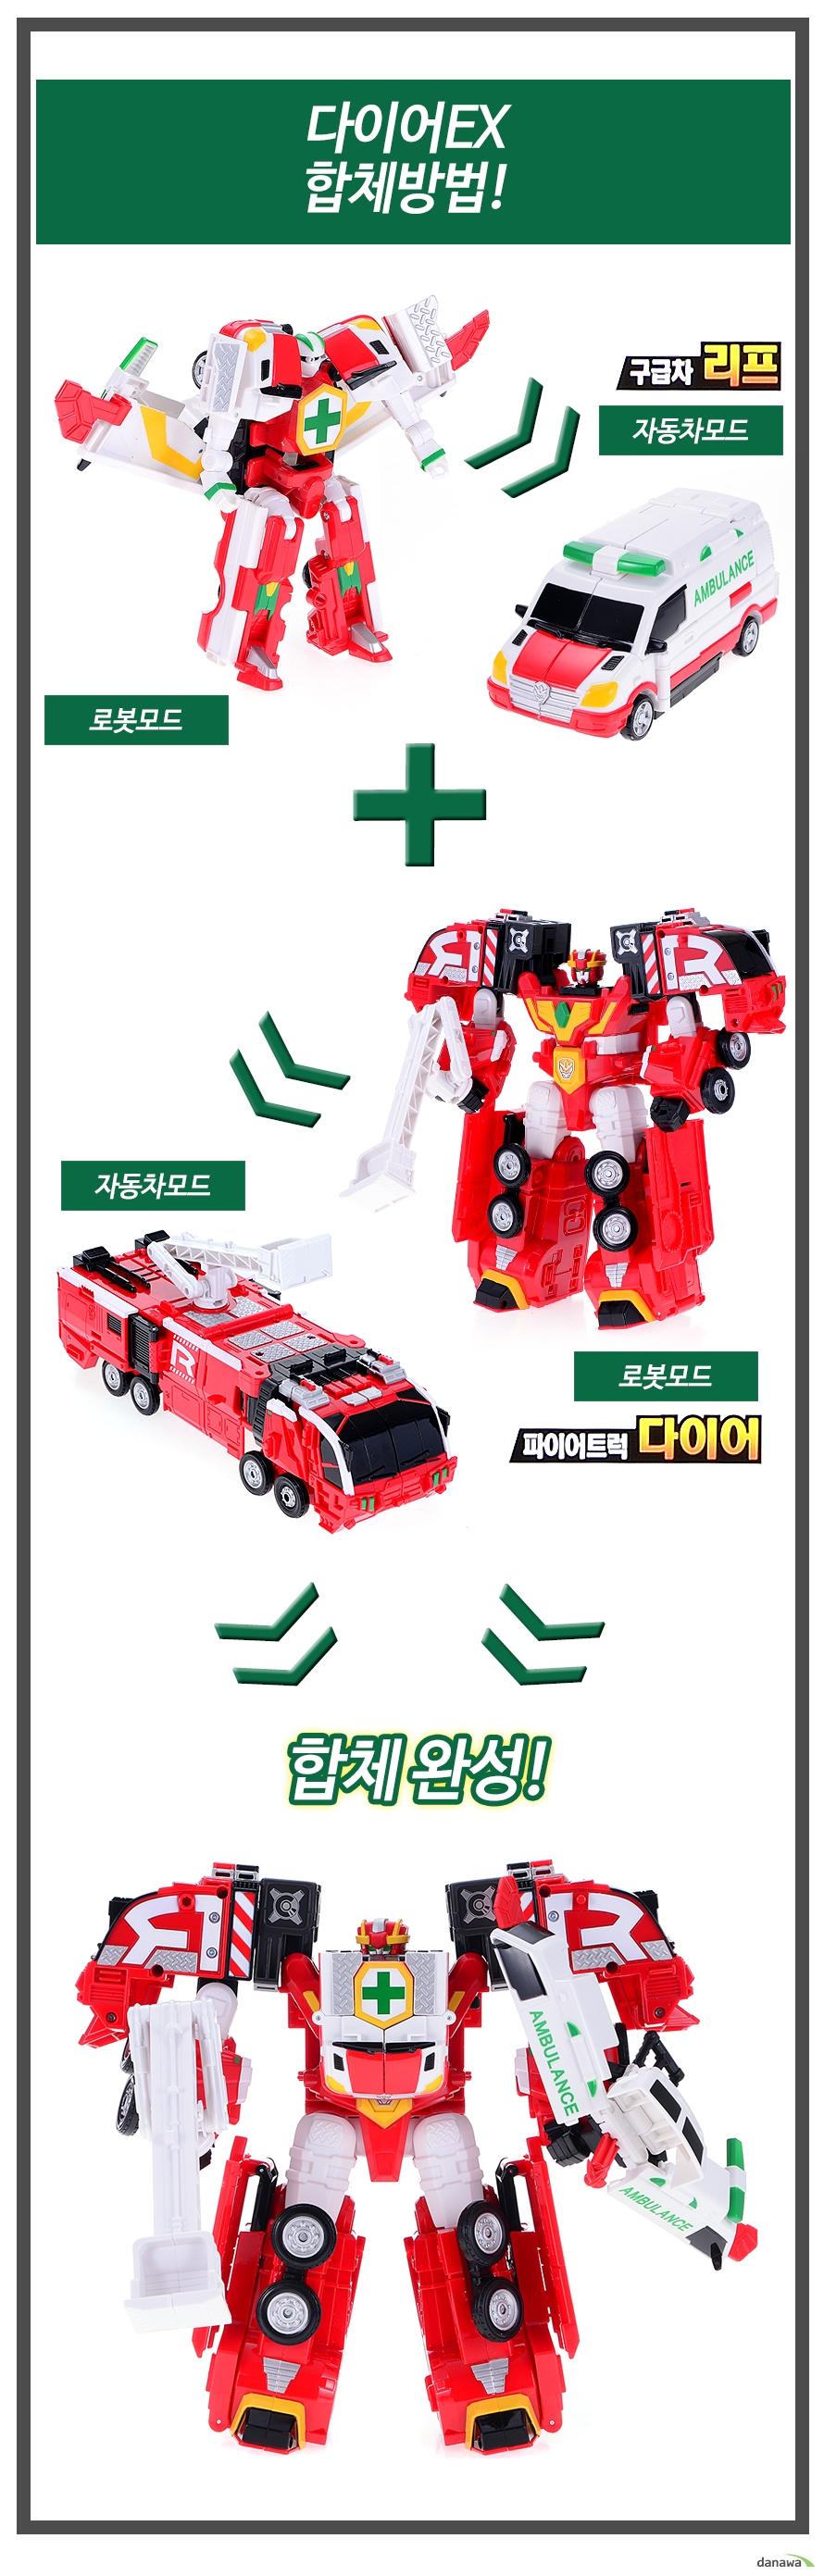 다이어EX 합체방법!구급차 리프 자동차모드 로봇모드파이어트럭 다이어 자동차모드 로봇모드합체 완성!